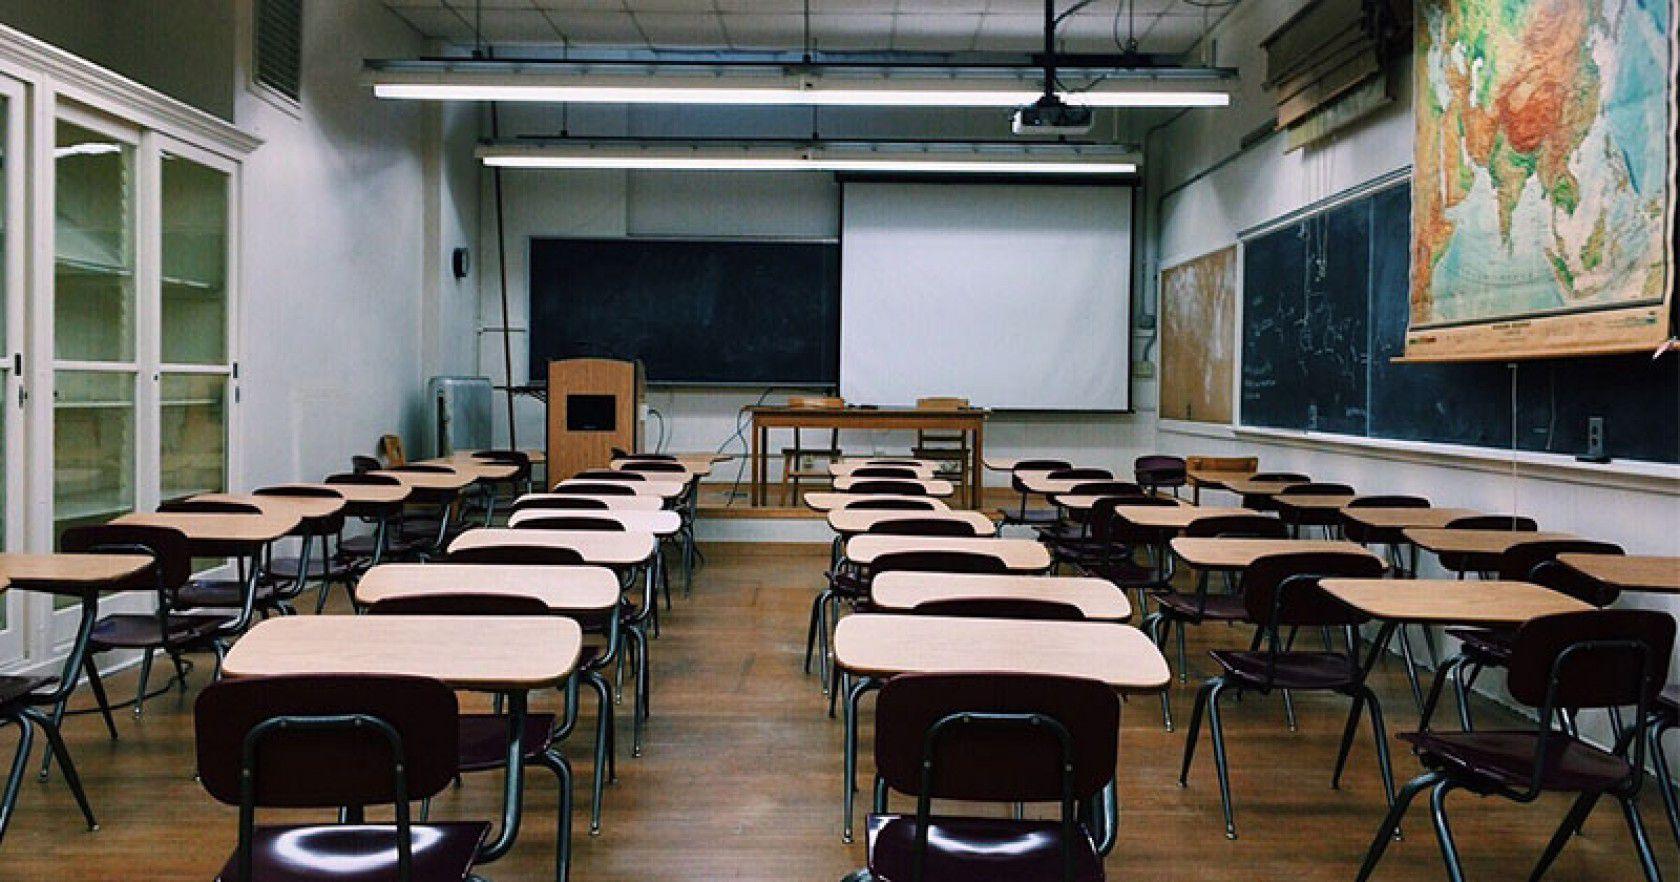 İngiltere'de Kolej Eğitimi Almak İsteyen Öğrenciler PLEP Sınavı Başvuruları ile alakalı Nelere Dikkat Etmeli?